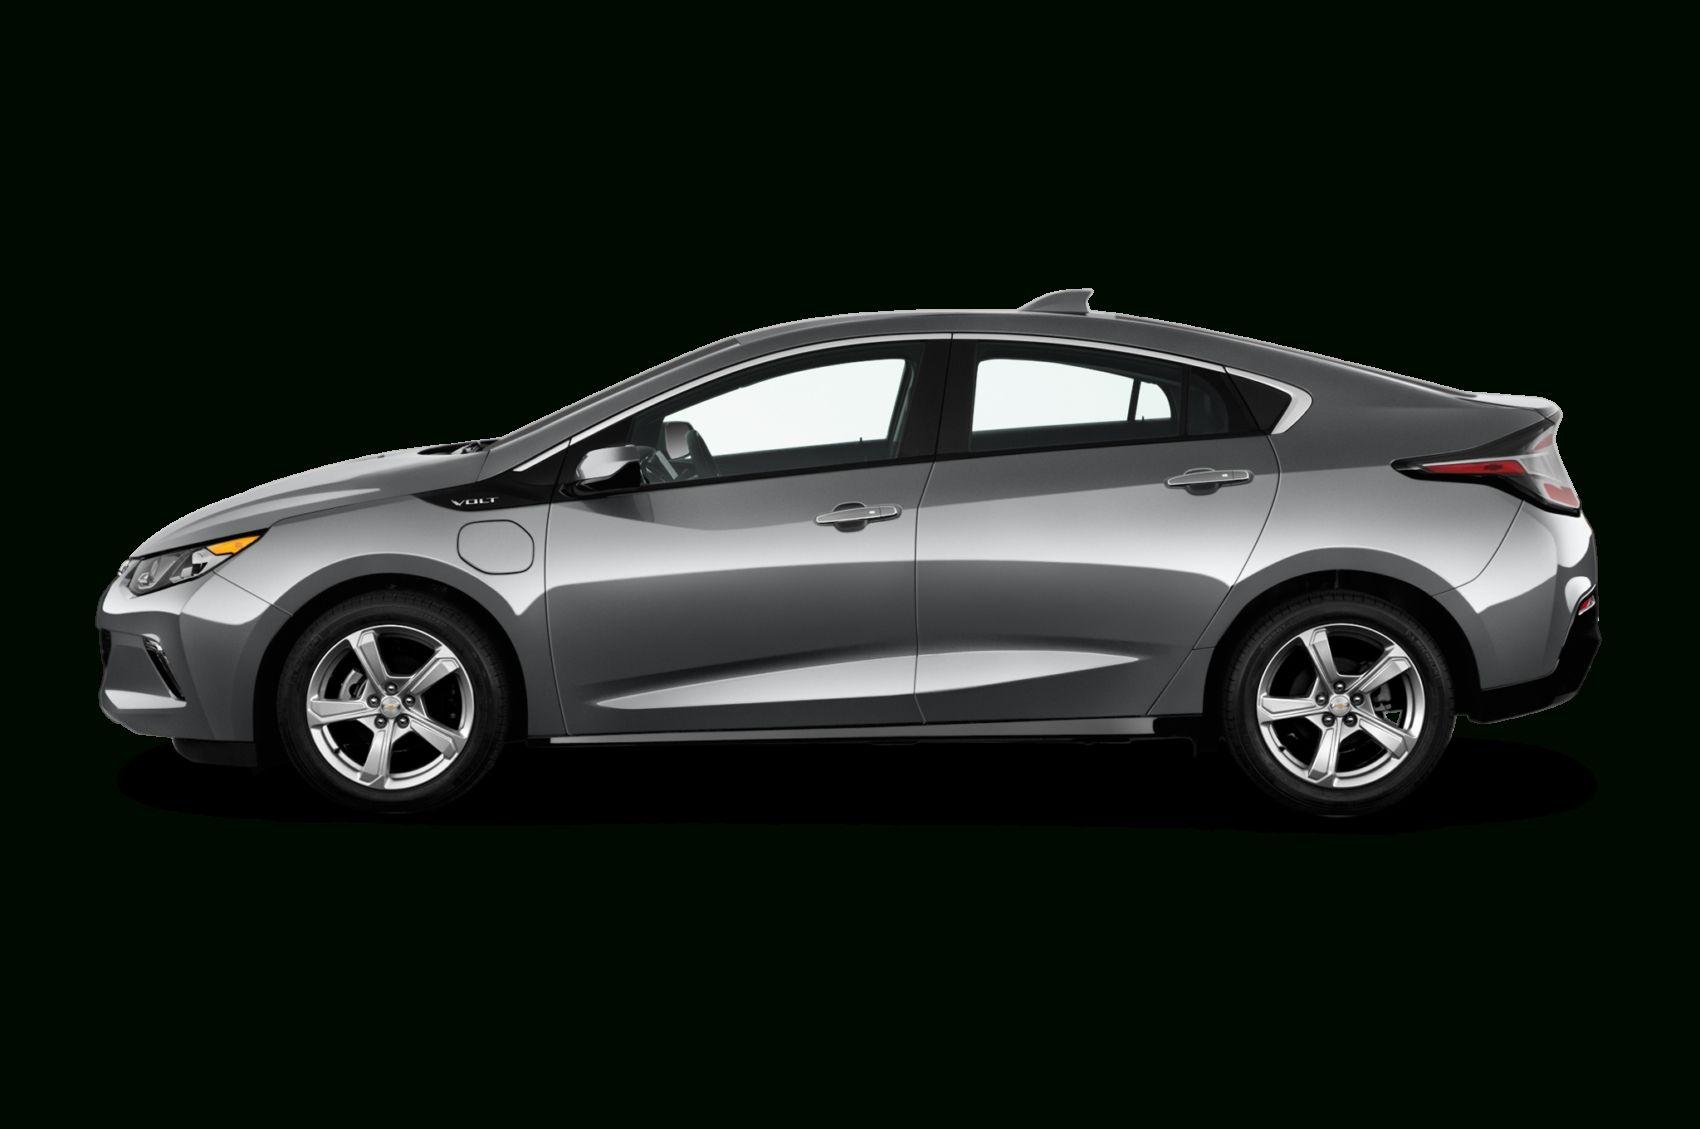 2019 Chevrolet Volt Hybrid Spy Shoot Chevrolet volt